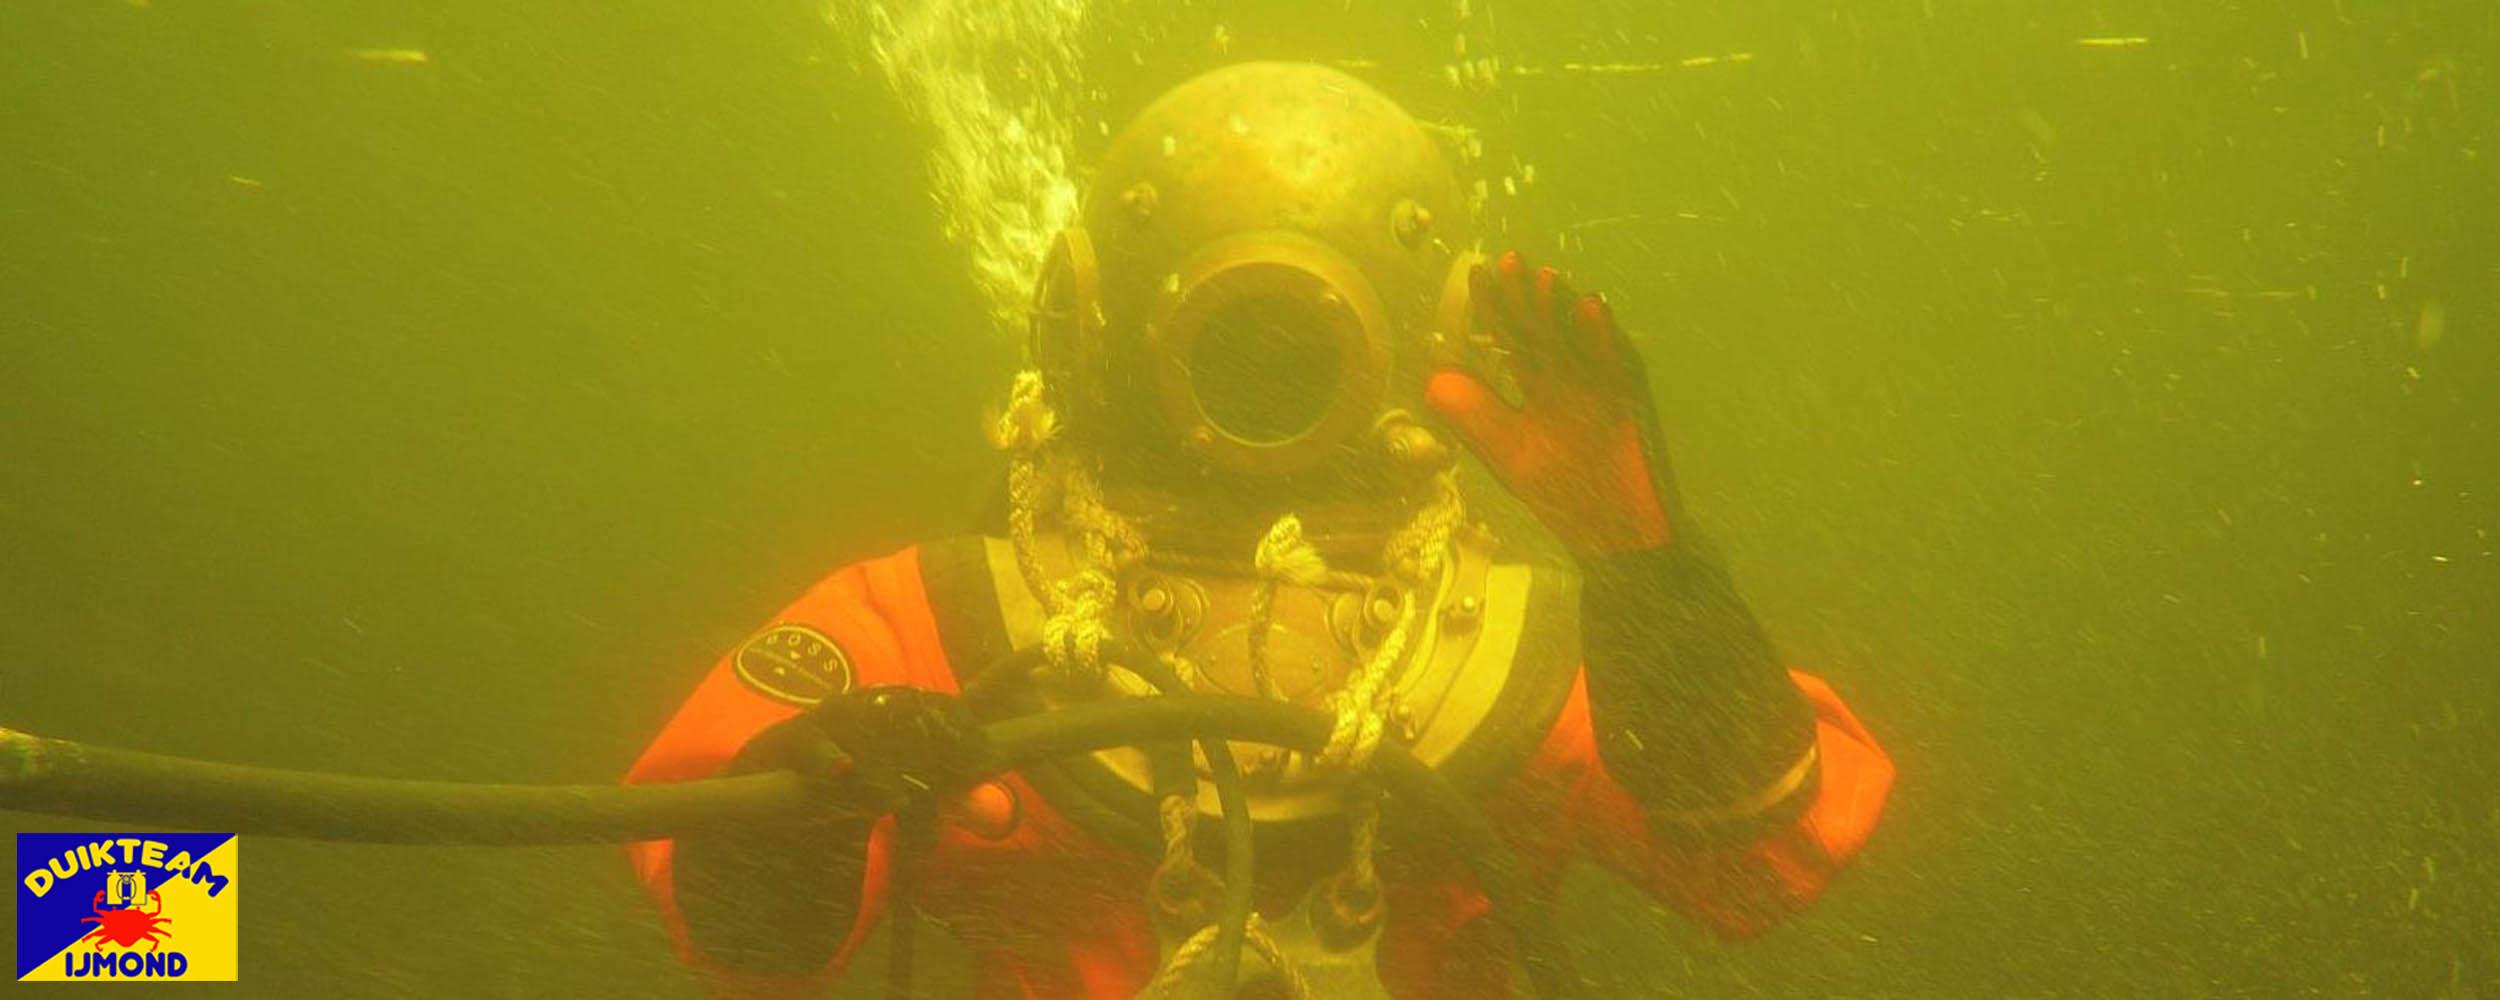 helmduiken en maskerduiken met duikteam ijmond